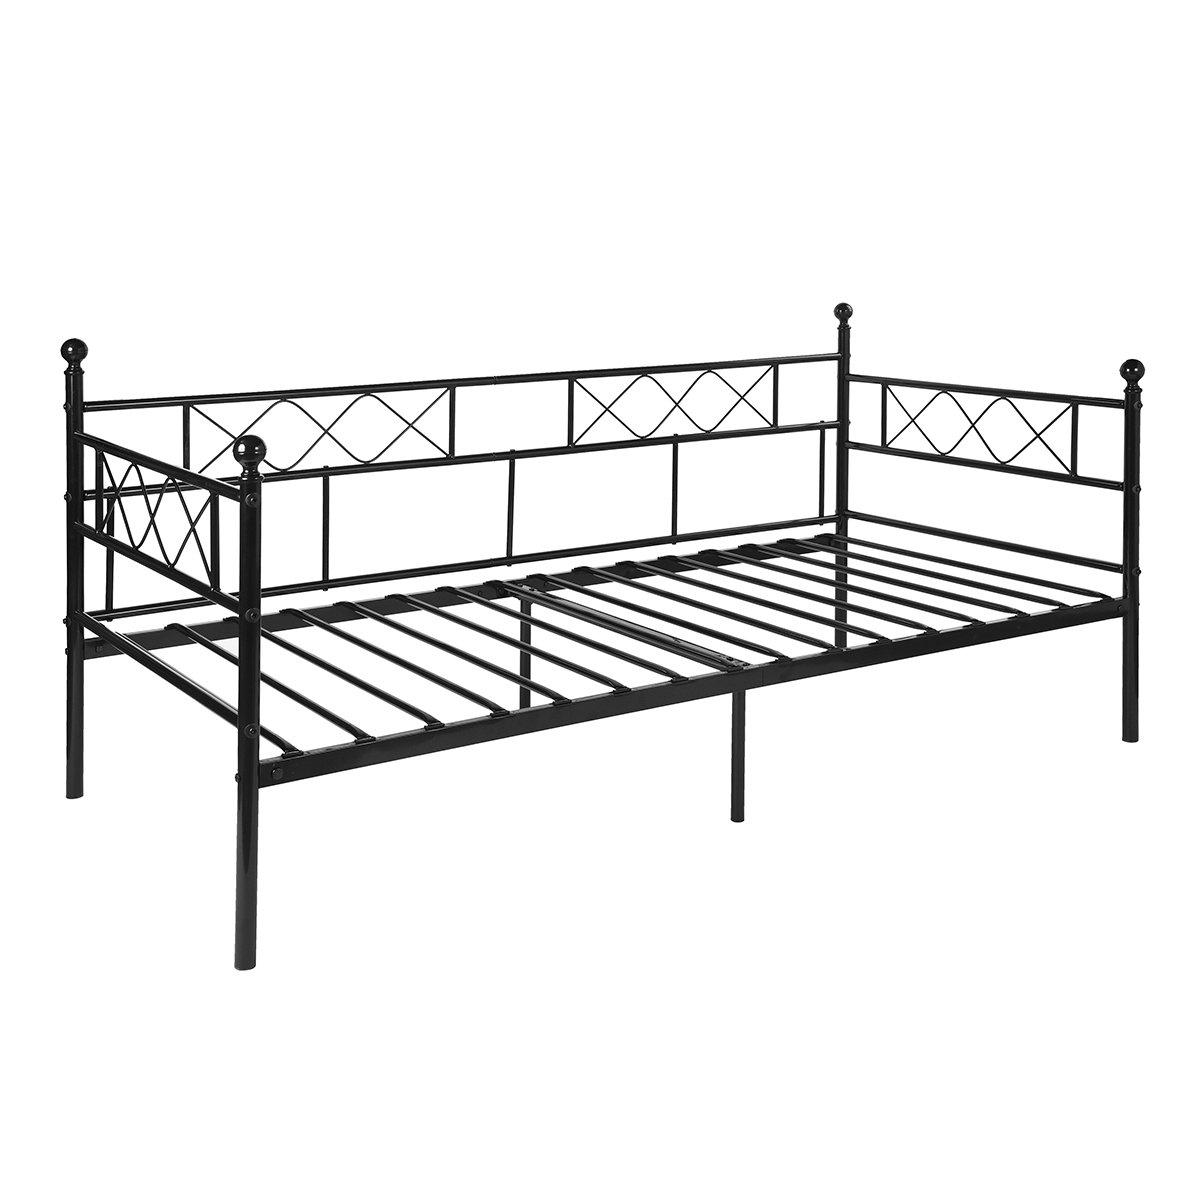 top lits et cadre de lit pour adulte selon les notes. Black Bedroom Furniture Sets. Home Design Ideas